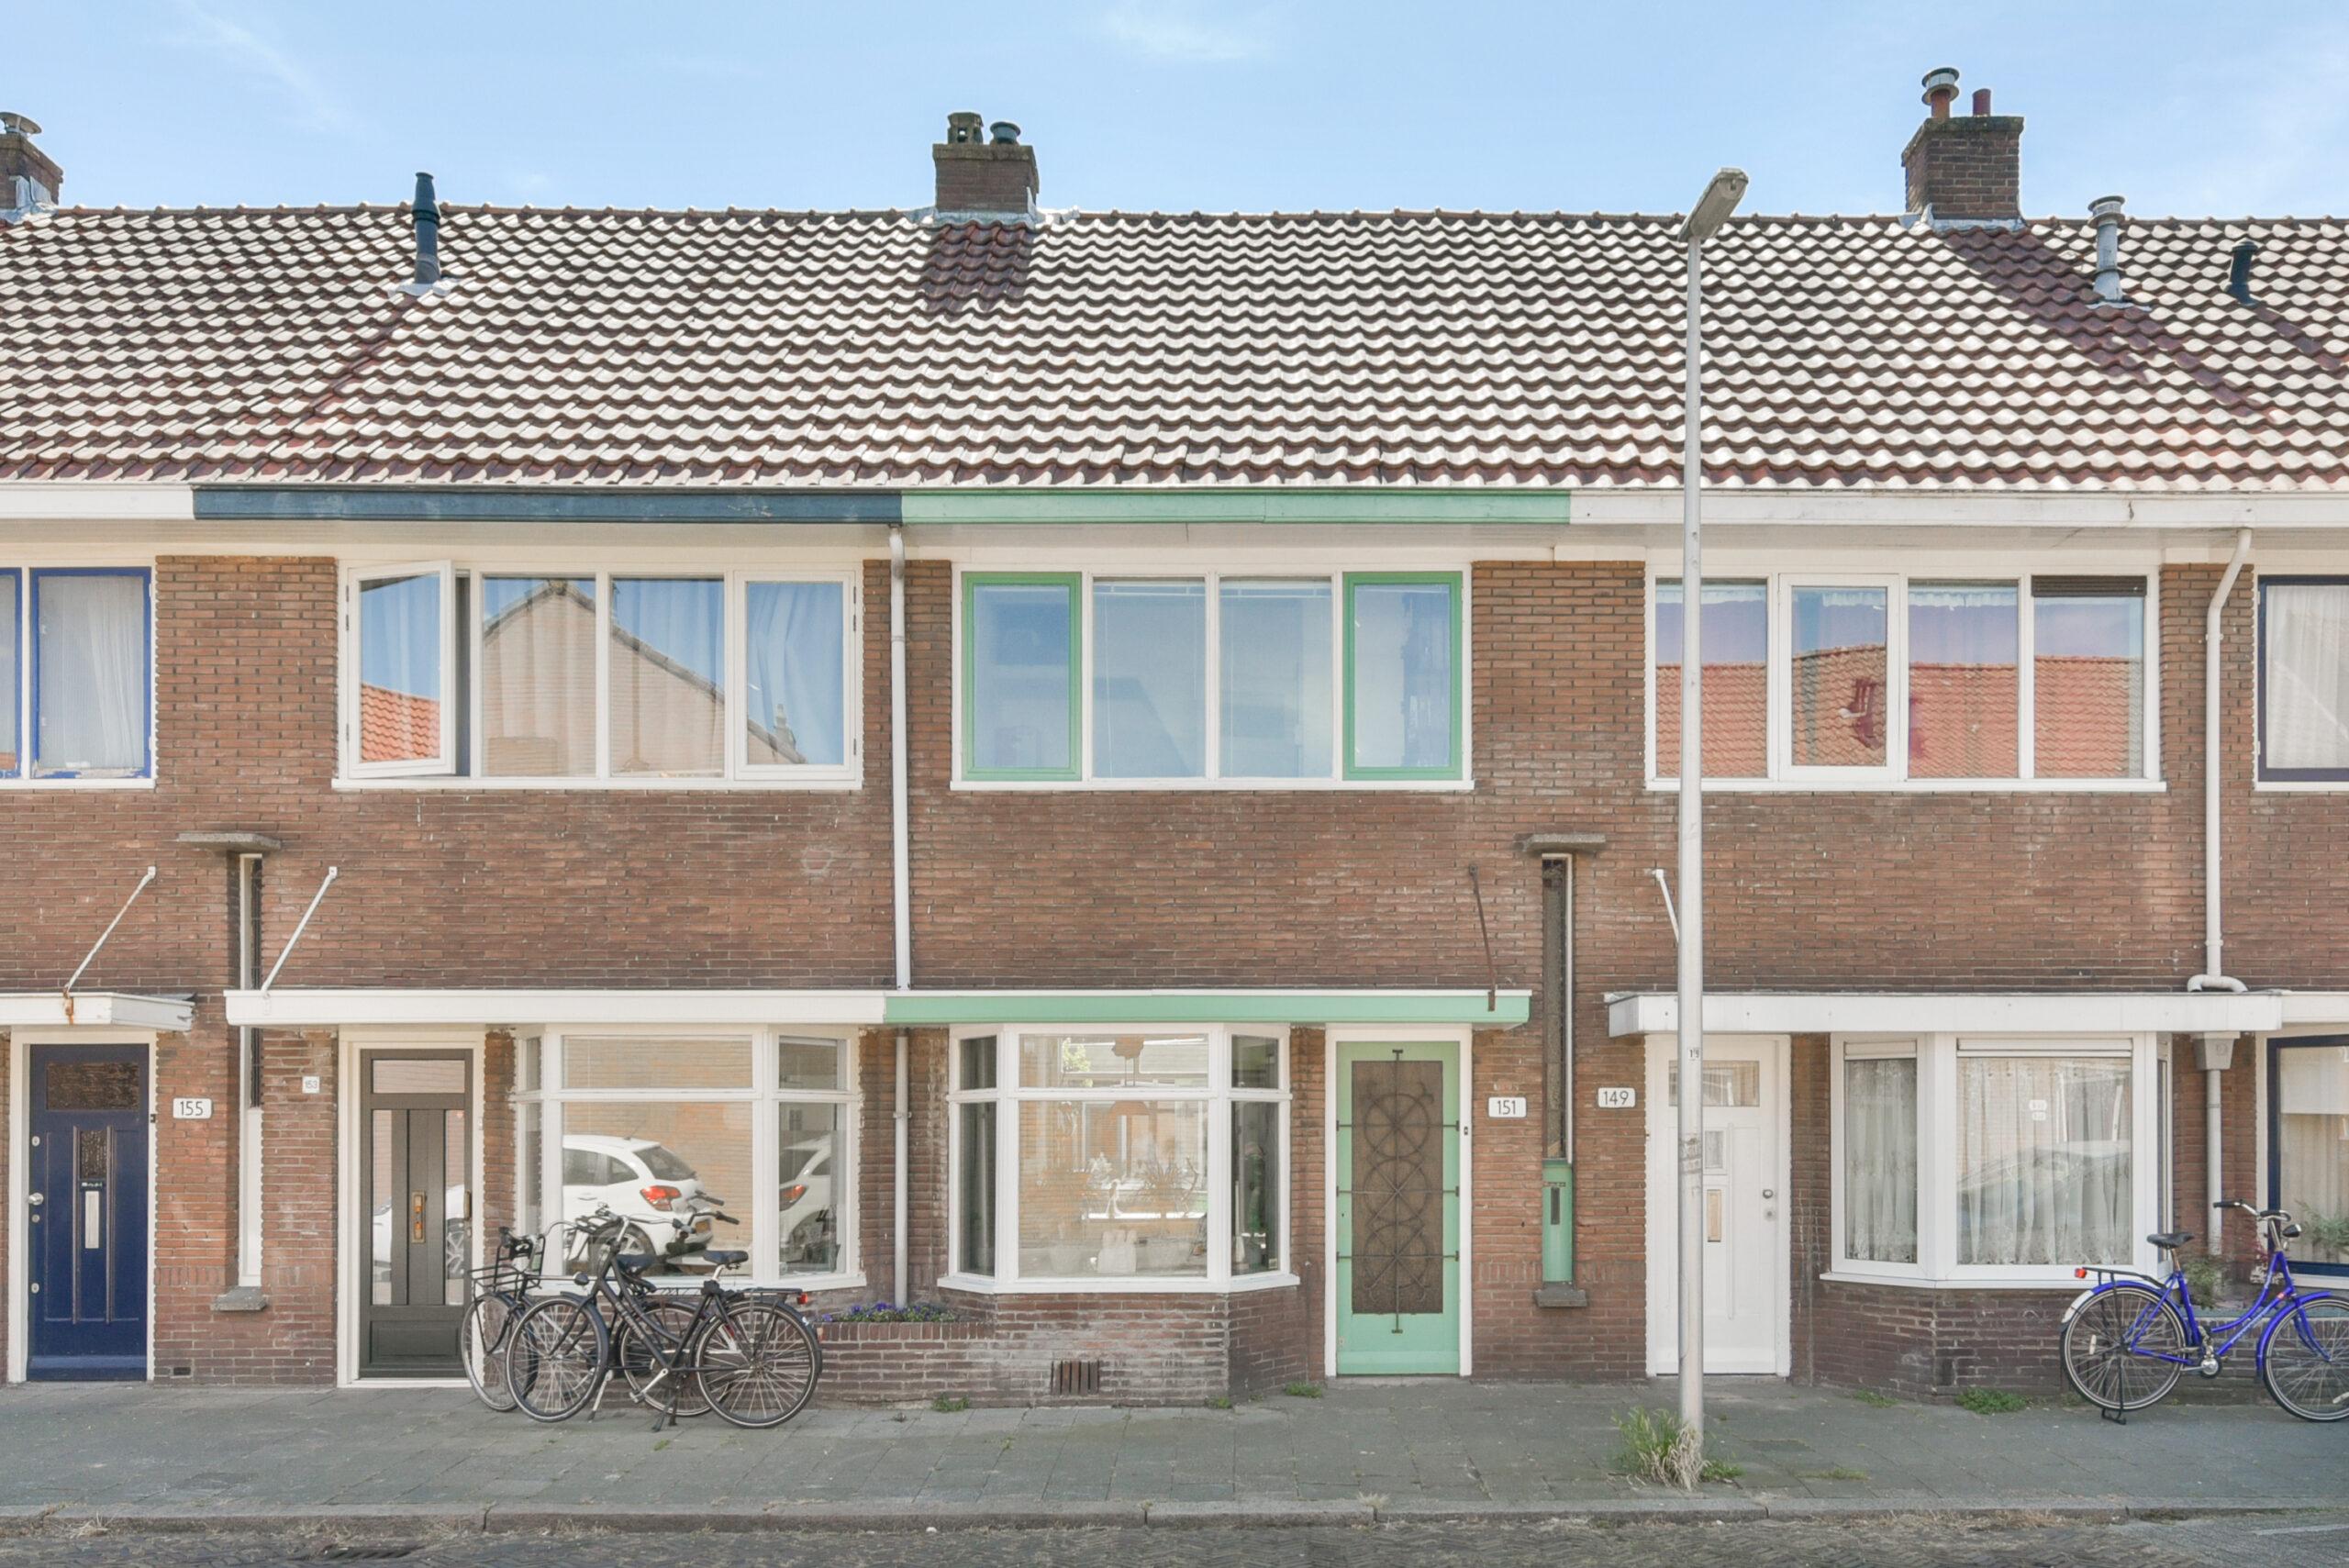 Cornelis Dirkszstraat 151, 3554 VK Utrecht